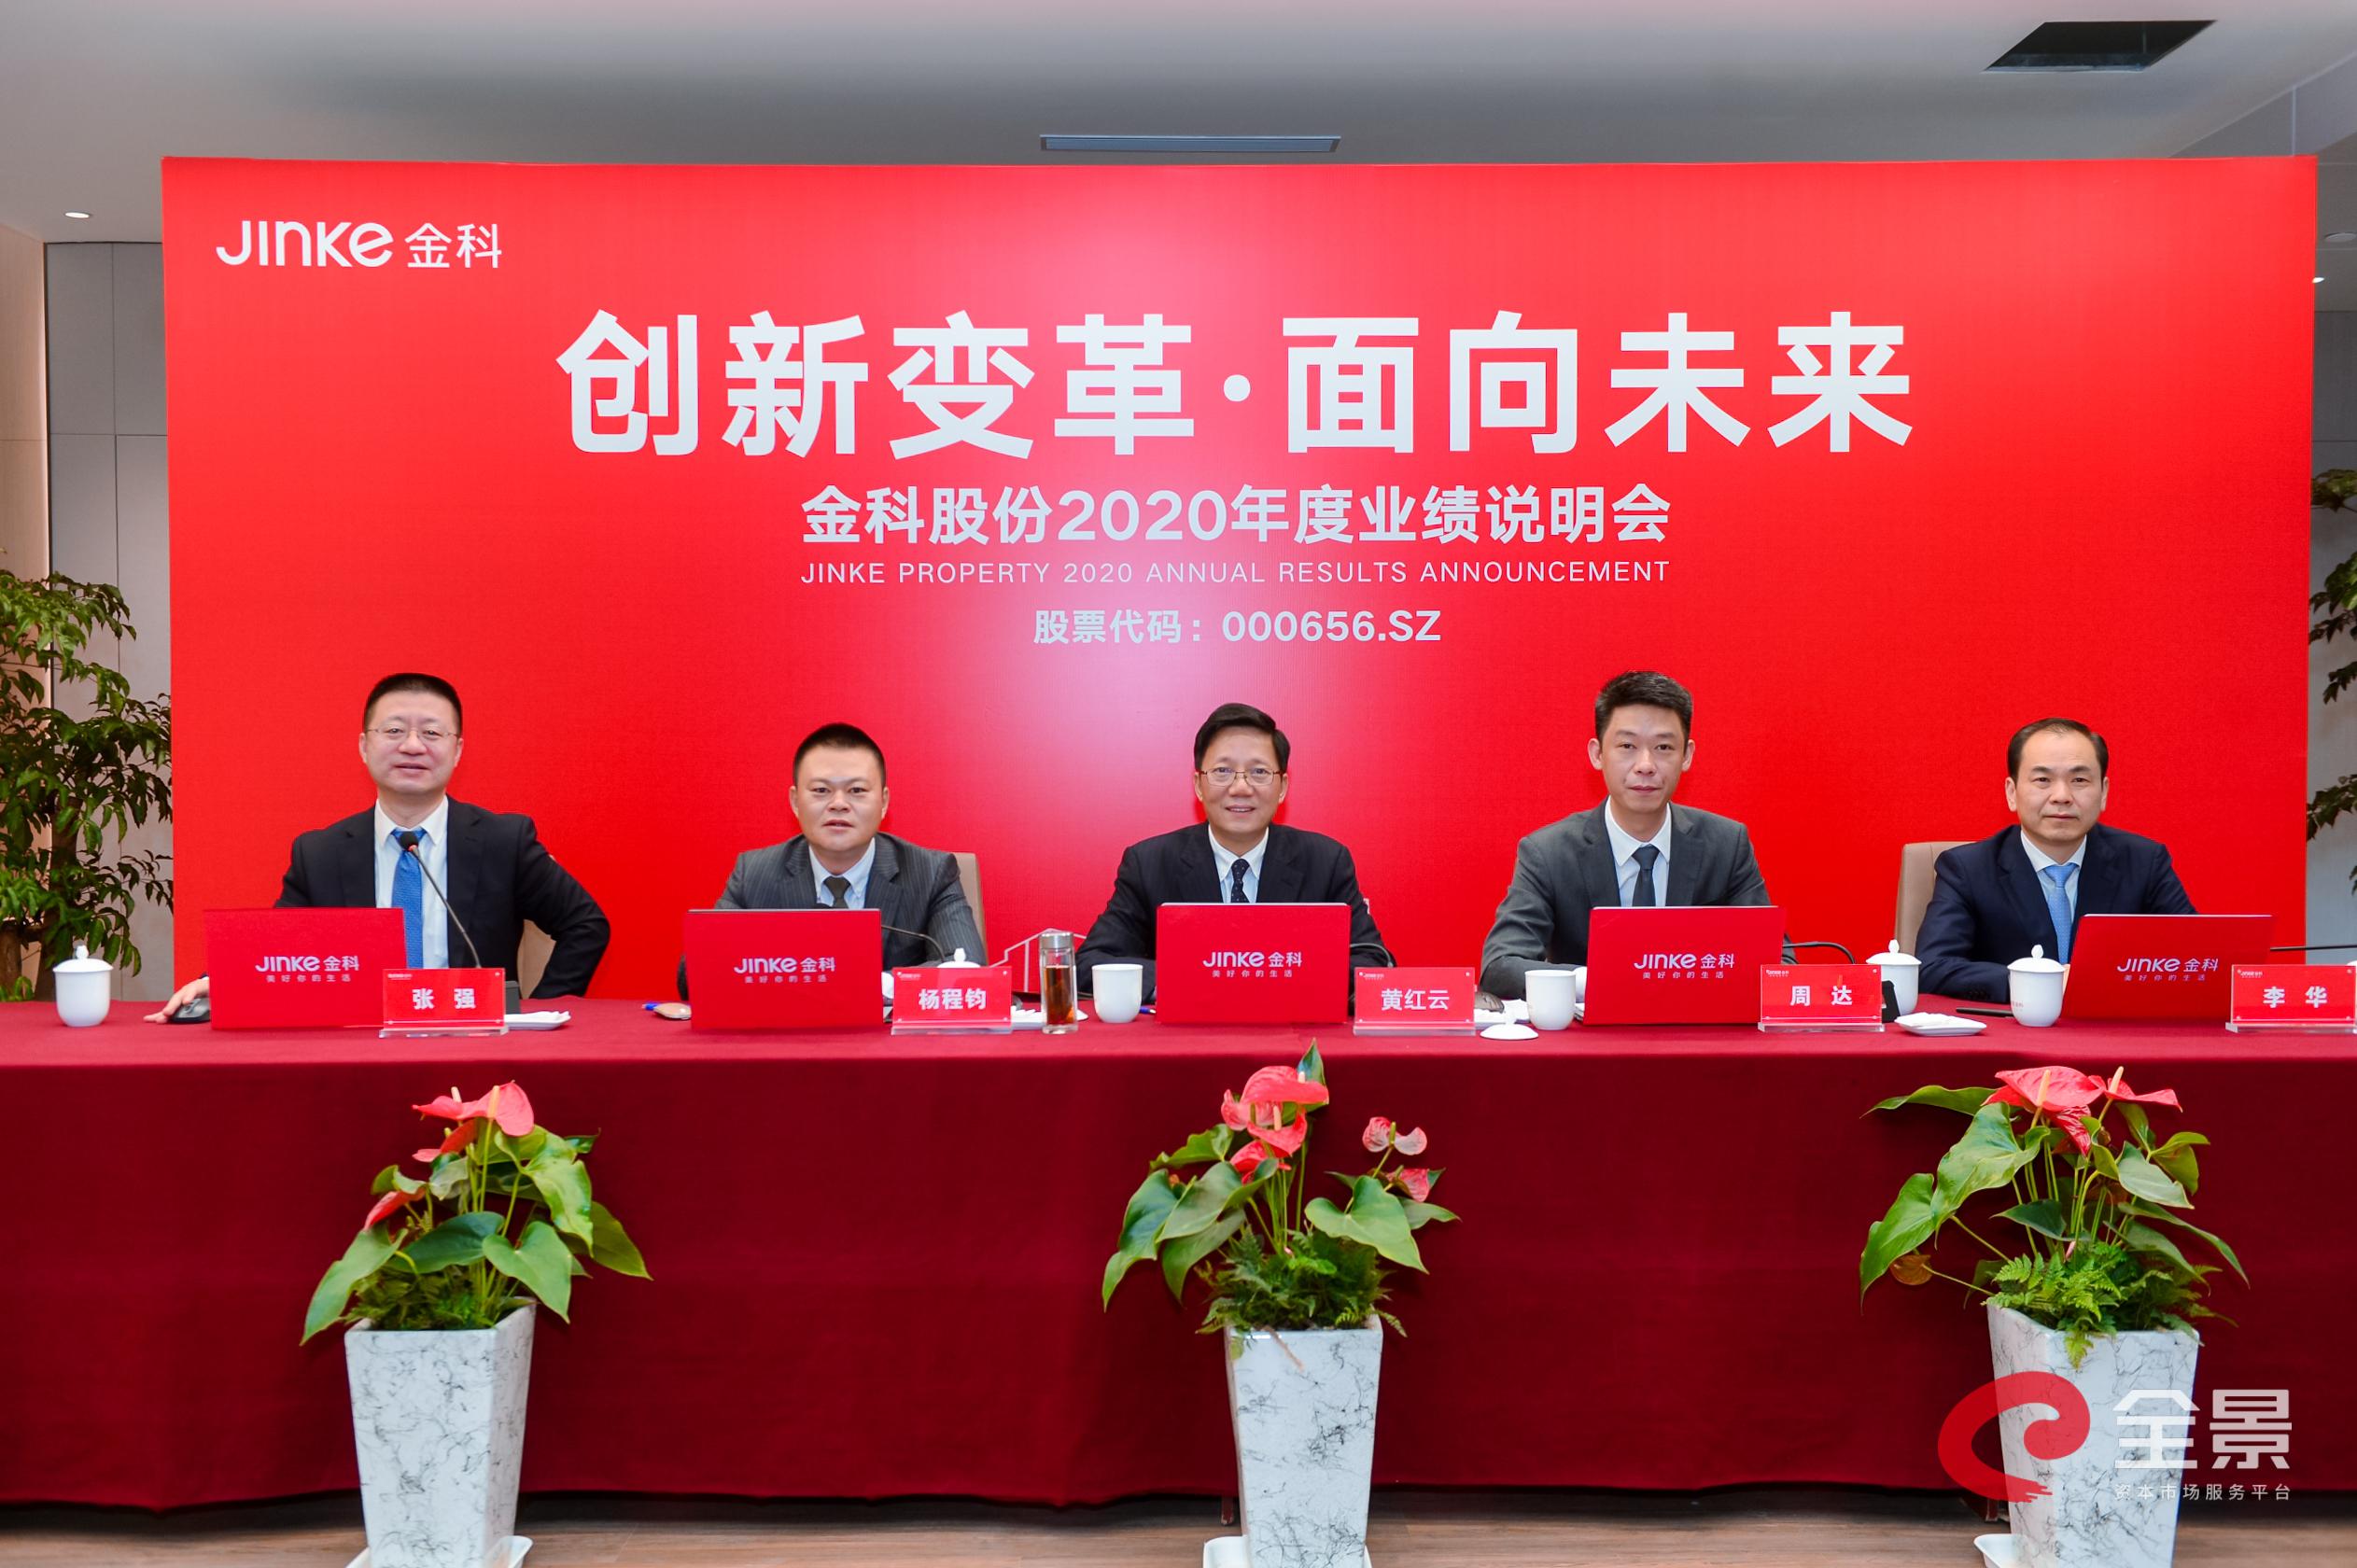 金科股份:跨越式发展完美收官 五年内再造一个金科-中国网地产